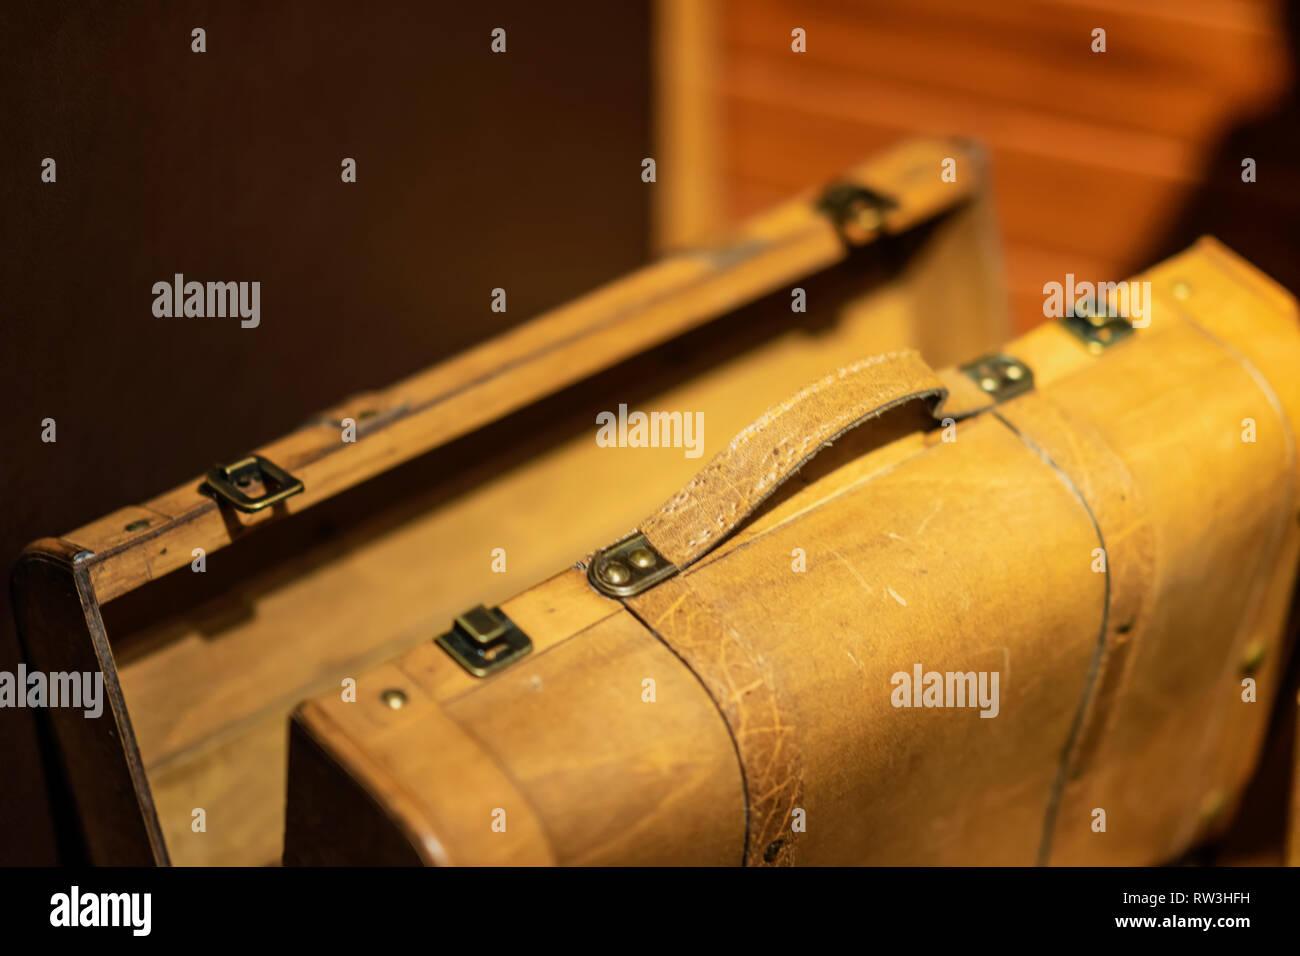 Valise en bois jaune pour un voyage nostalgique, gros plan assurance, vintage background Photo Stock